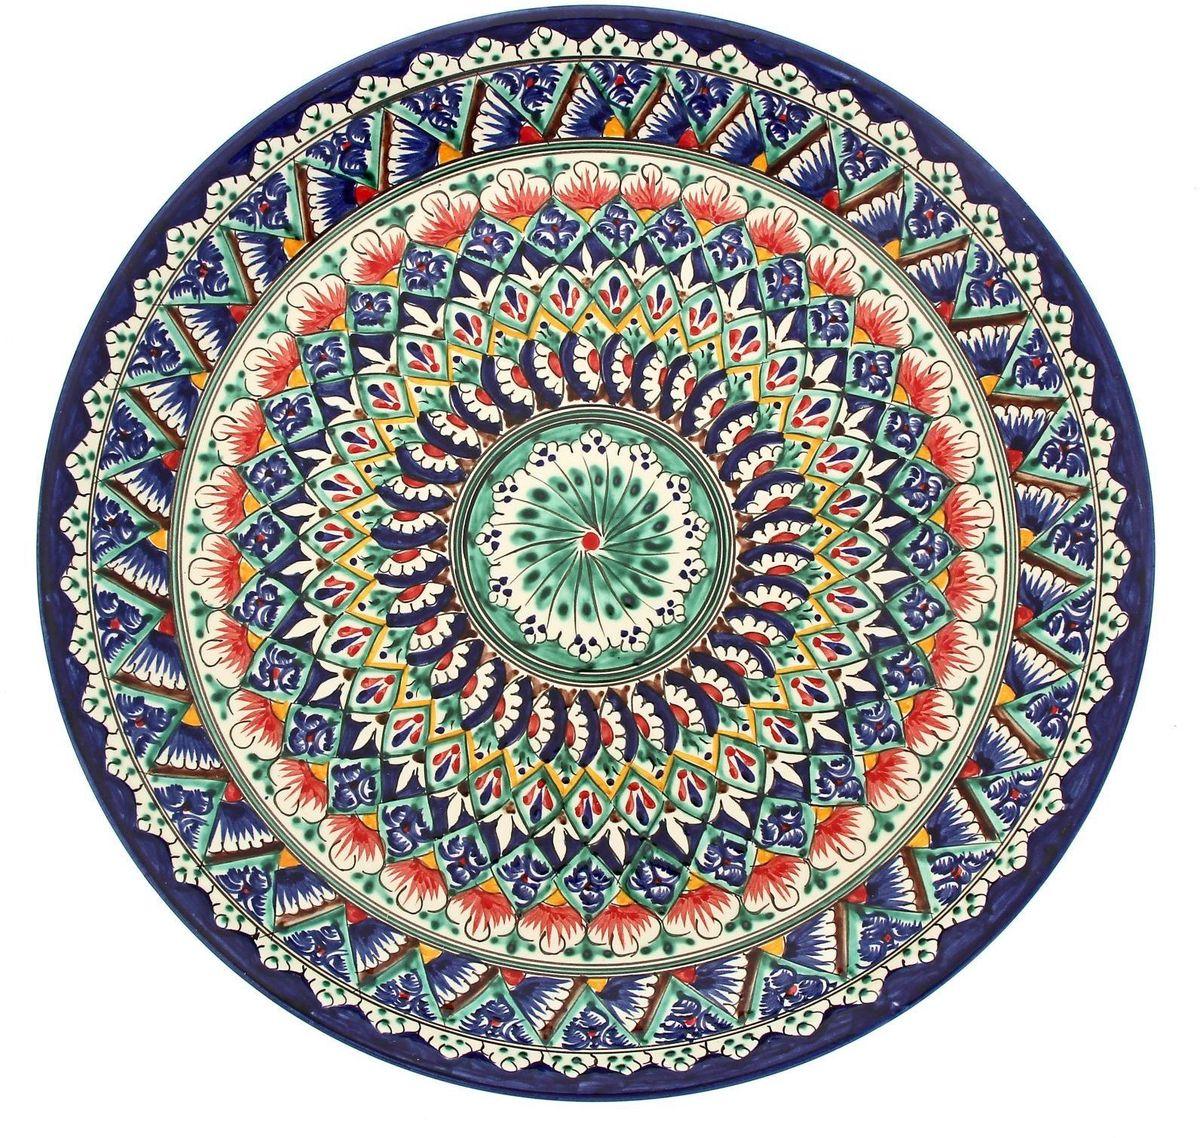 Ляган Риштанская керамика, диаметр 36 см. 19234701923470Ляган — это не просто обеденный атрибут, это украшение стола. Посуда с национальной росписью станет отменным подарком для ценителей высокородной посуды.Риштан — город на востоке Узбекистана, один из древнейших в Ферганской долине. С давних времён Риштан славится своим гончарным искусством изготовления цветной керамики. Красноватую глину для изделия добывают в самом городе. Мастера утверждают, что их глина настолько высокого качества, что даже не нуждается в предварительной обработке. Дополните коллекцию кухонных аксессуаров пряными восточными нотами.